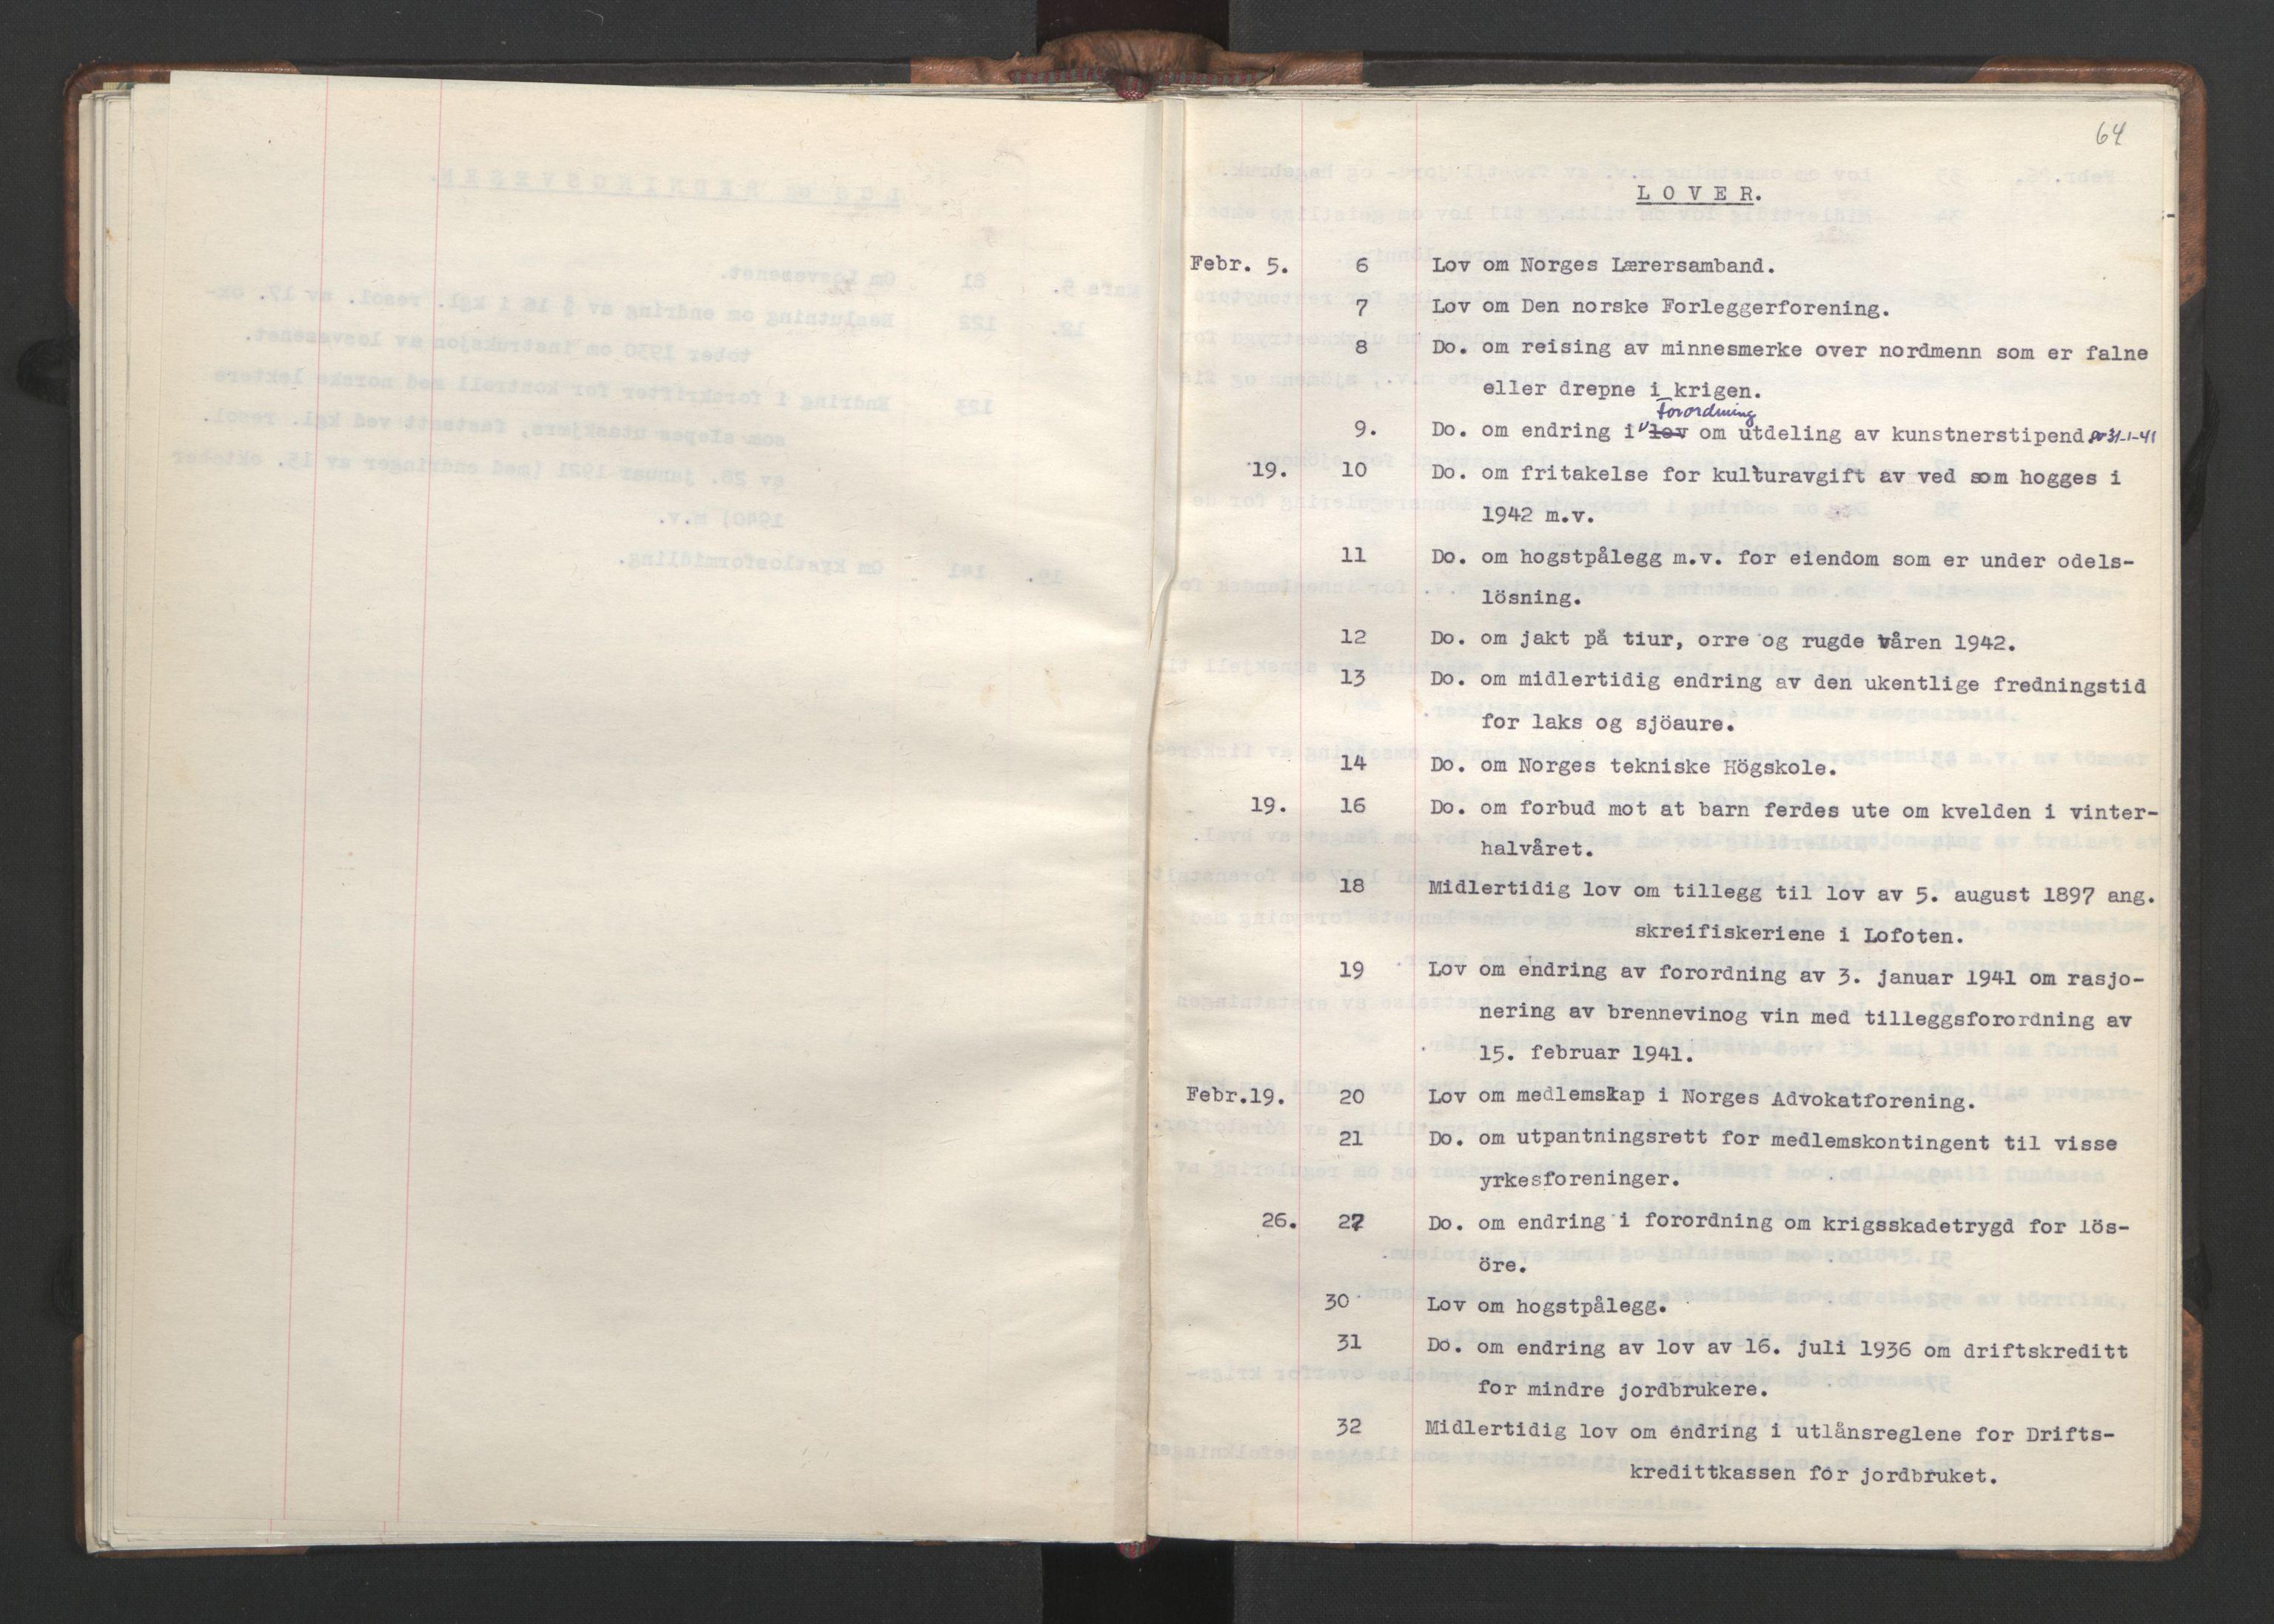 RA, NS-administrasjonen 1940-1945 (Statsrådsekretariatet, de kommisariske statsråder mm), D/Da/L0002: Register (RA j.nr. 985/1943, tilgangsnr. 17/1943), 1942, s. 63b-64a